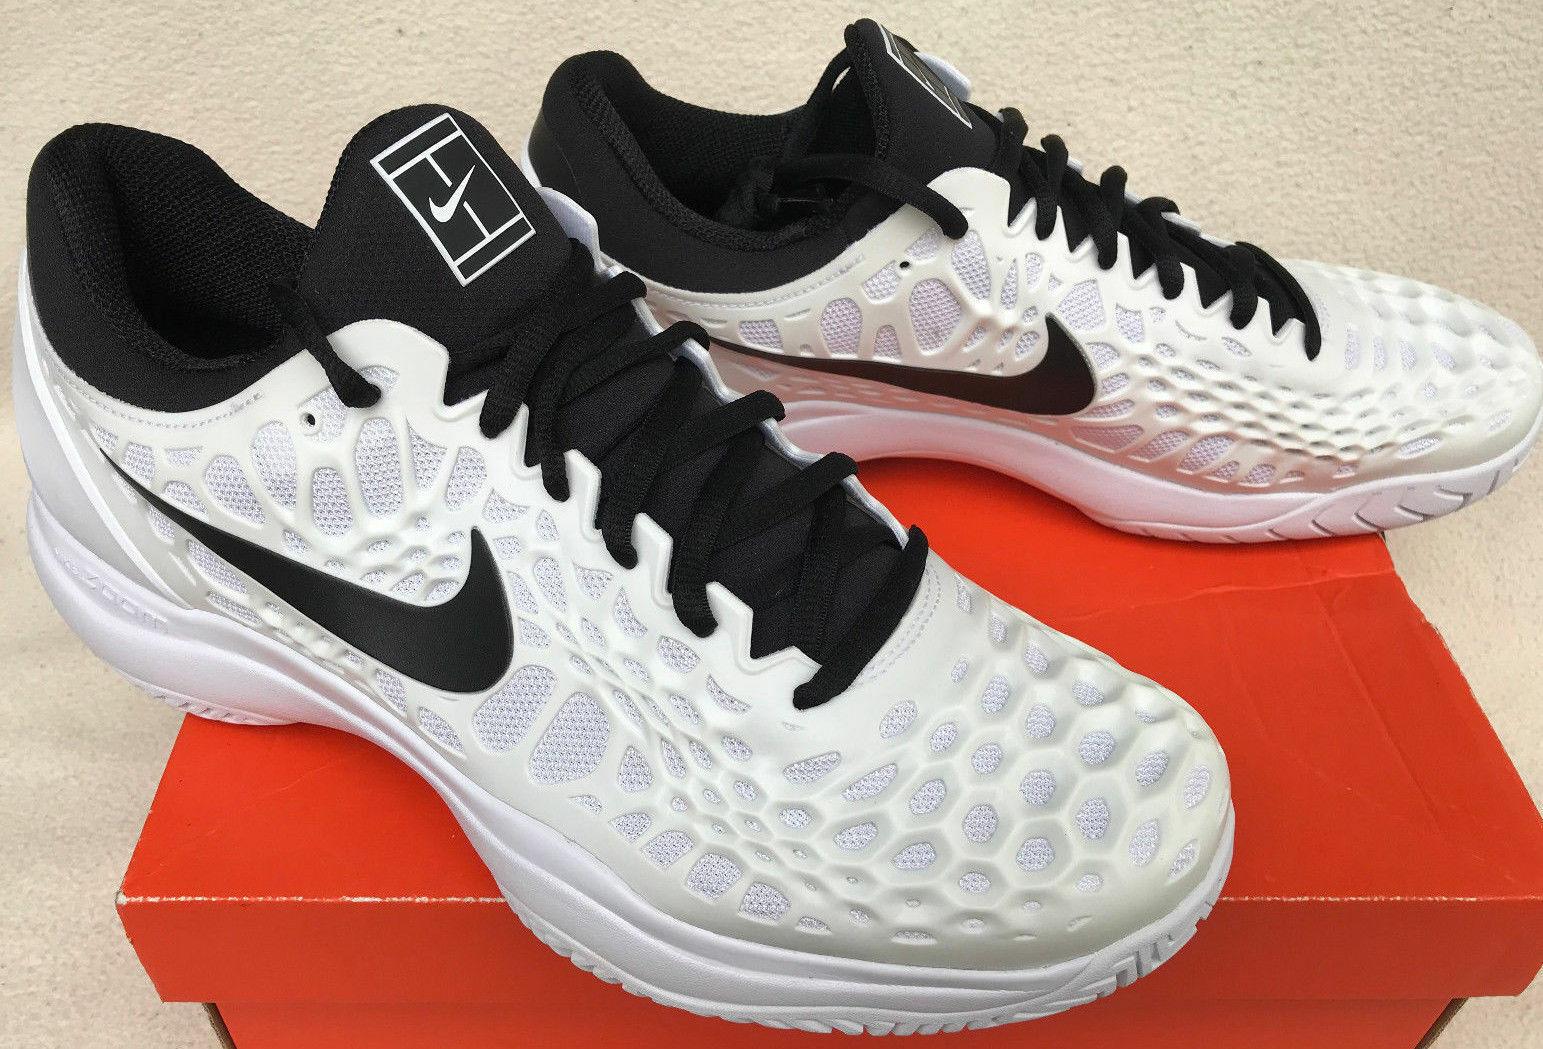 Detalles de Nike Runallday Azul Zapatillas Raza Running Fitness Zapatos de Hombre 898464 403